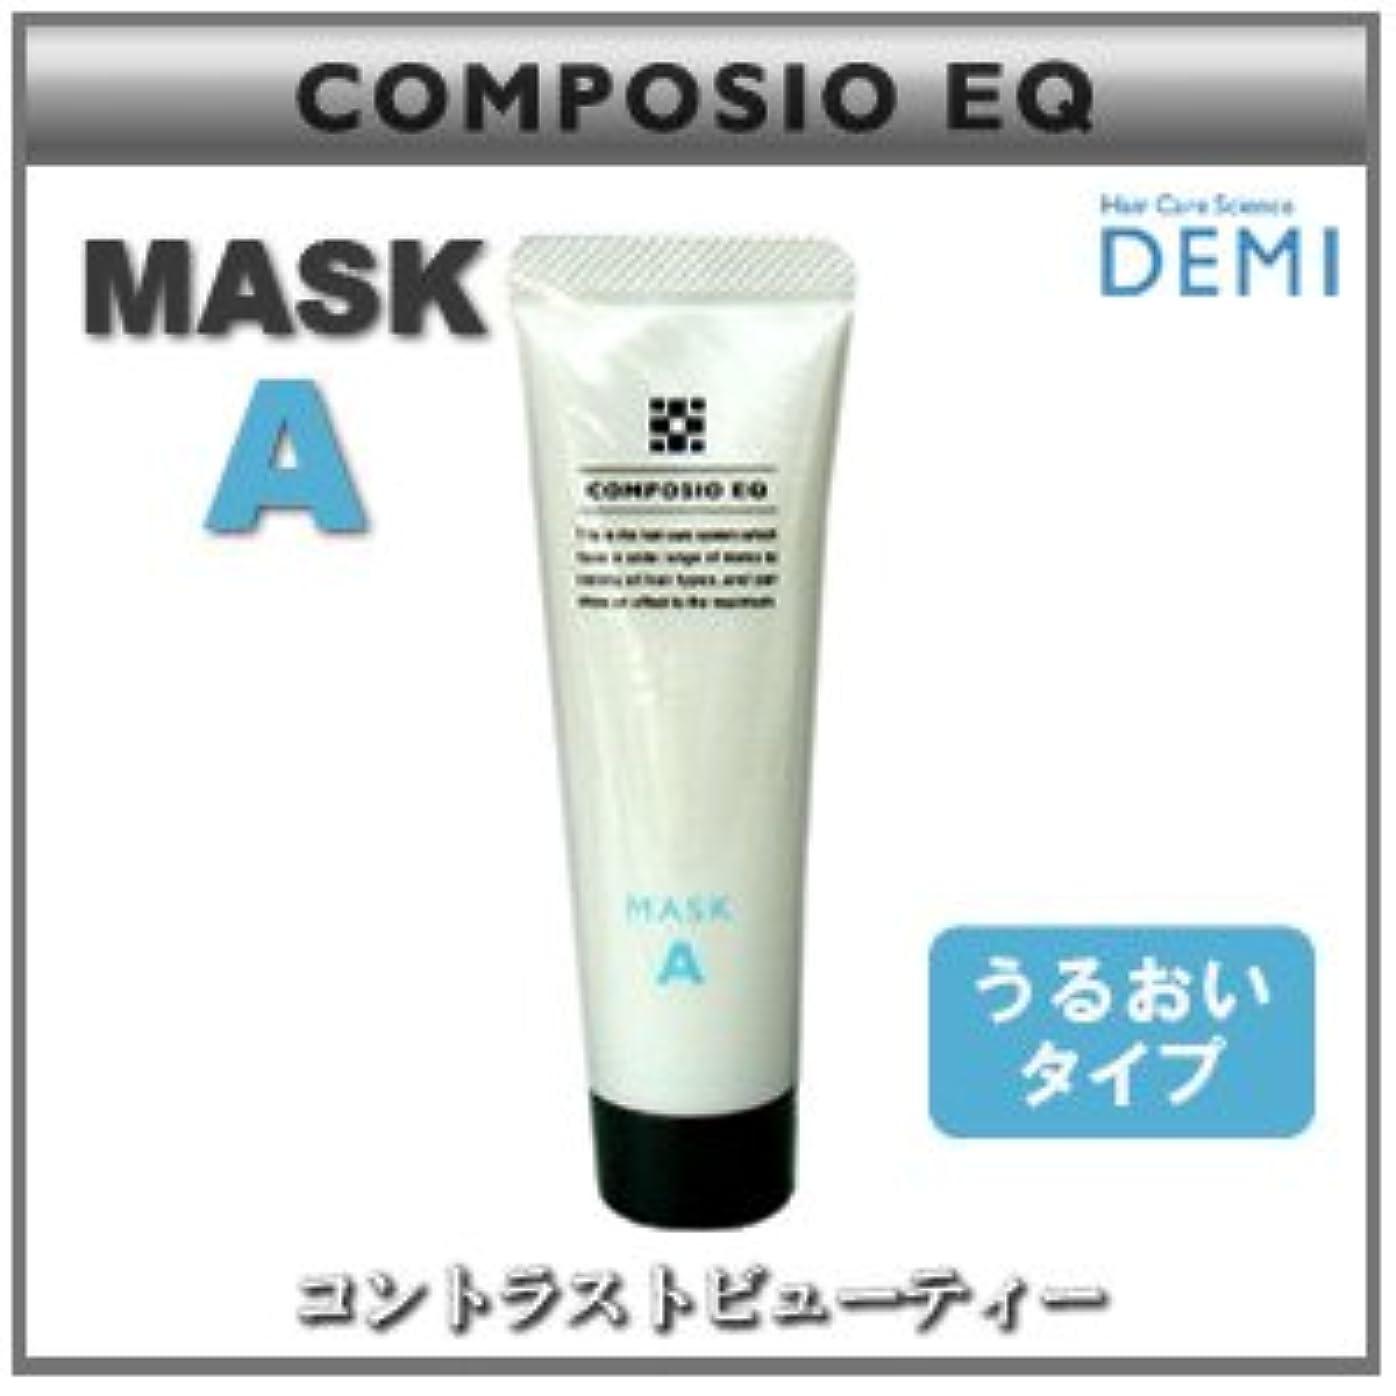 効率的に銅ゲスト【X5個セット】 デミ コンポジオ EQ マスク A 50g